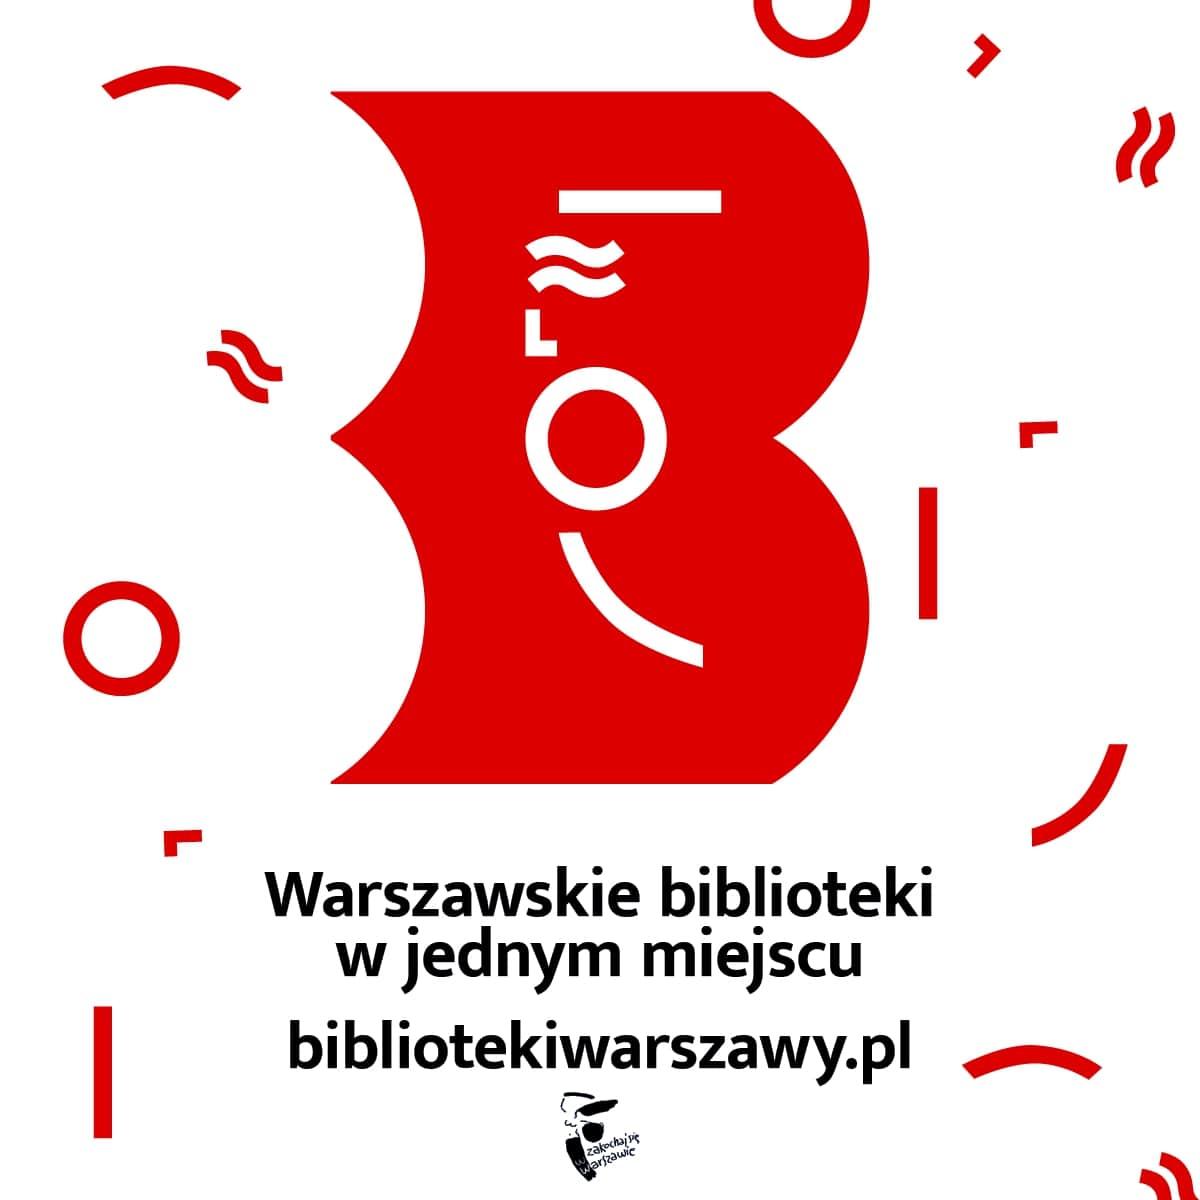 warszawskie biblioteki w jednym miejscu - biblioteki warszawy.pl